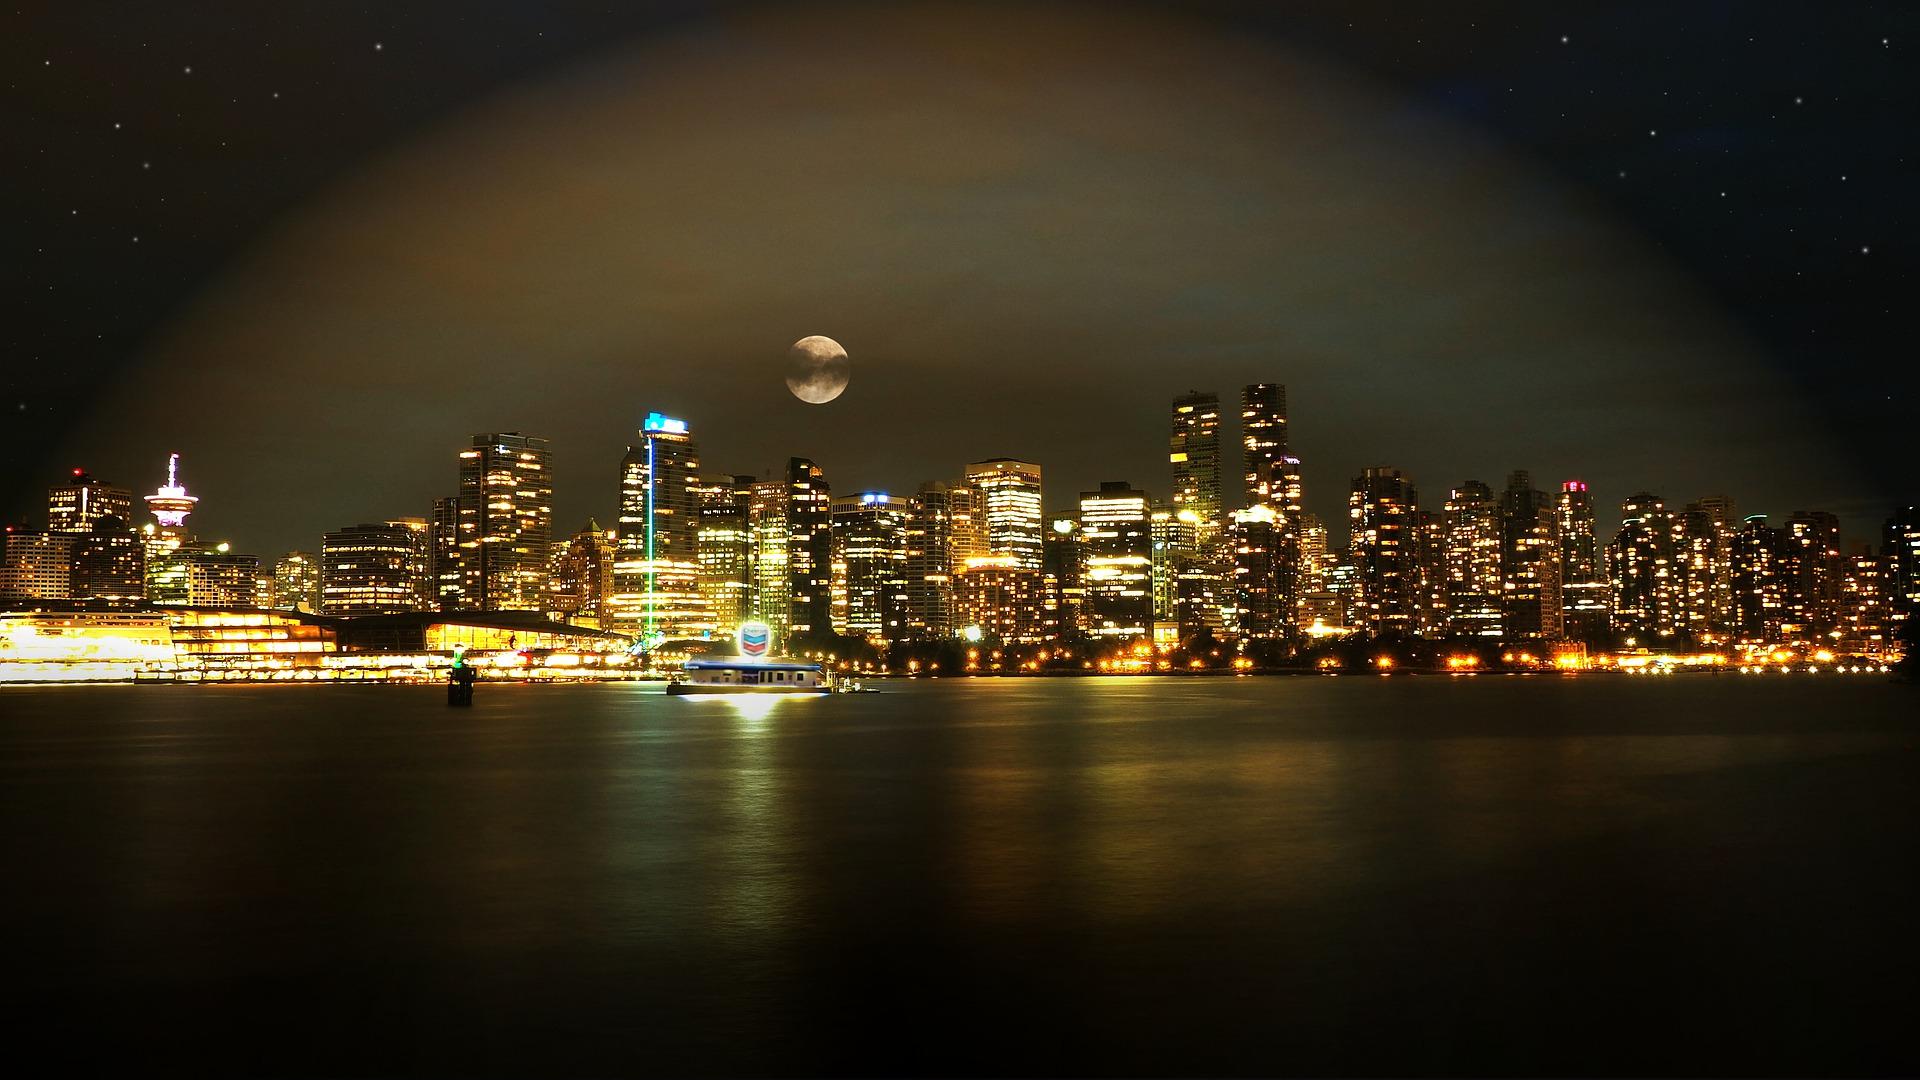 Pollution lumineuse de la ville de Vancouver